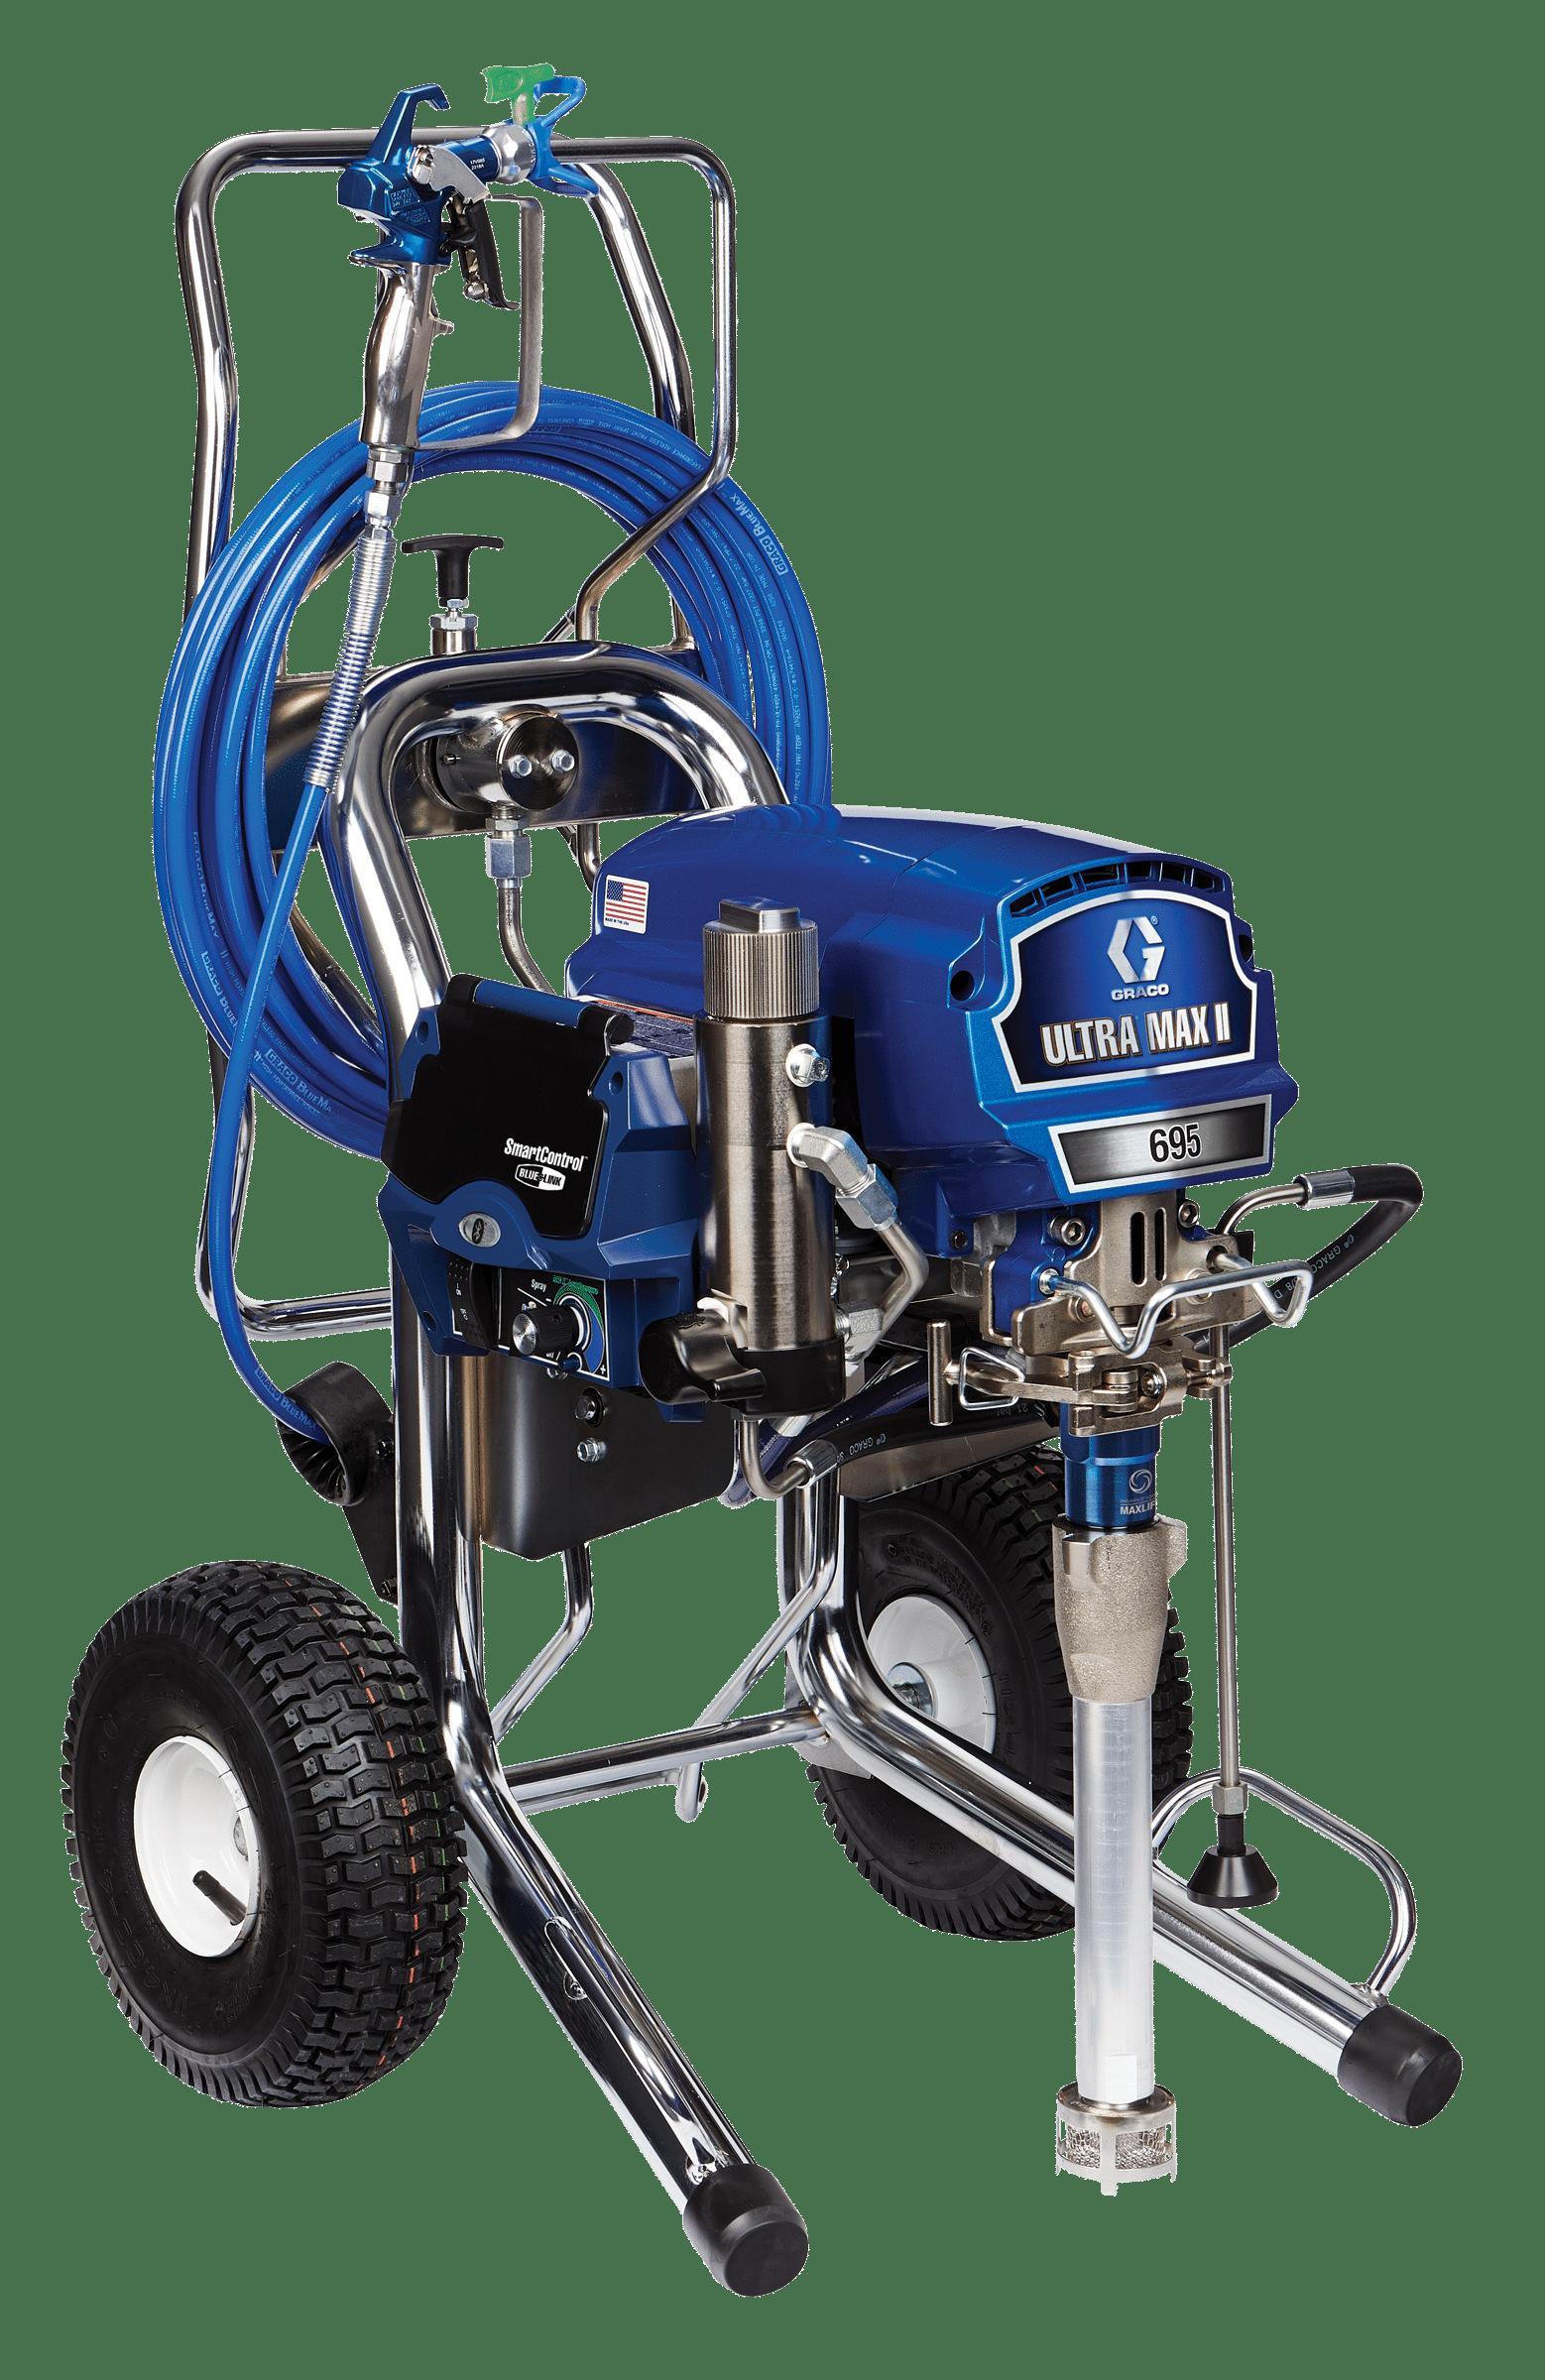 ULTRA MAX II 695/795/1095 ProContactor – GRACO